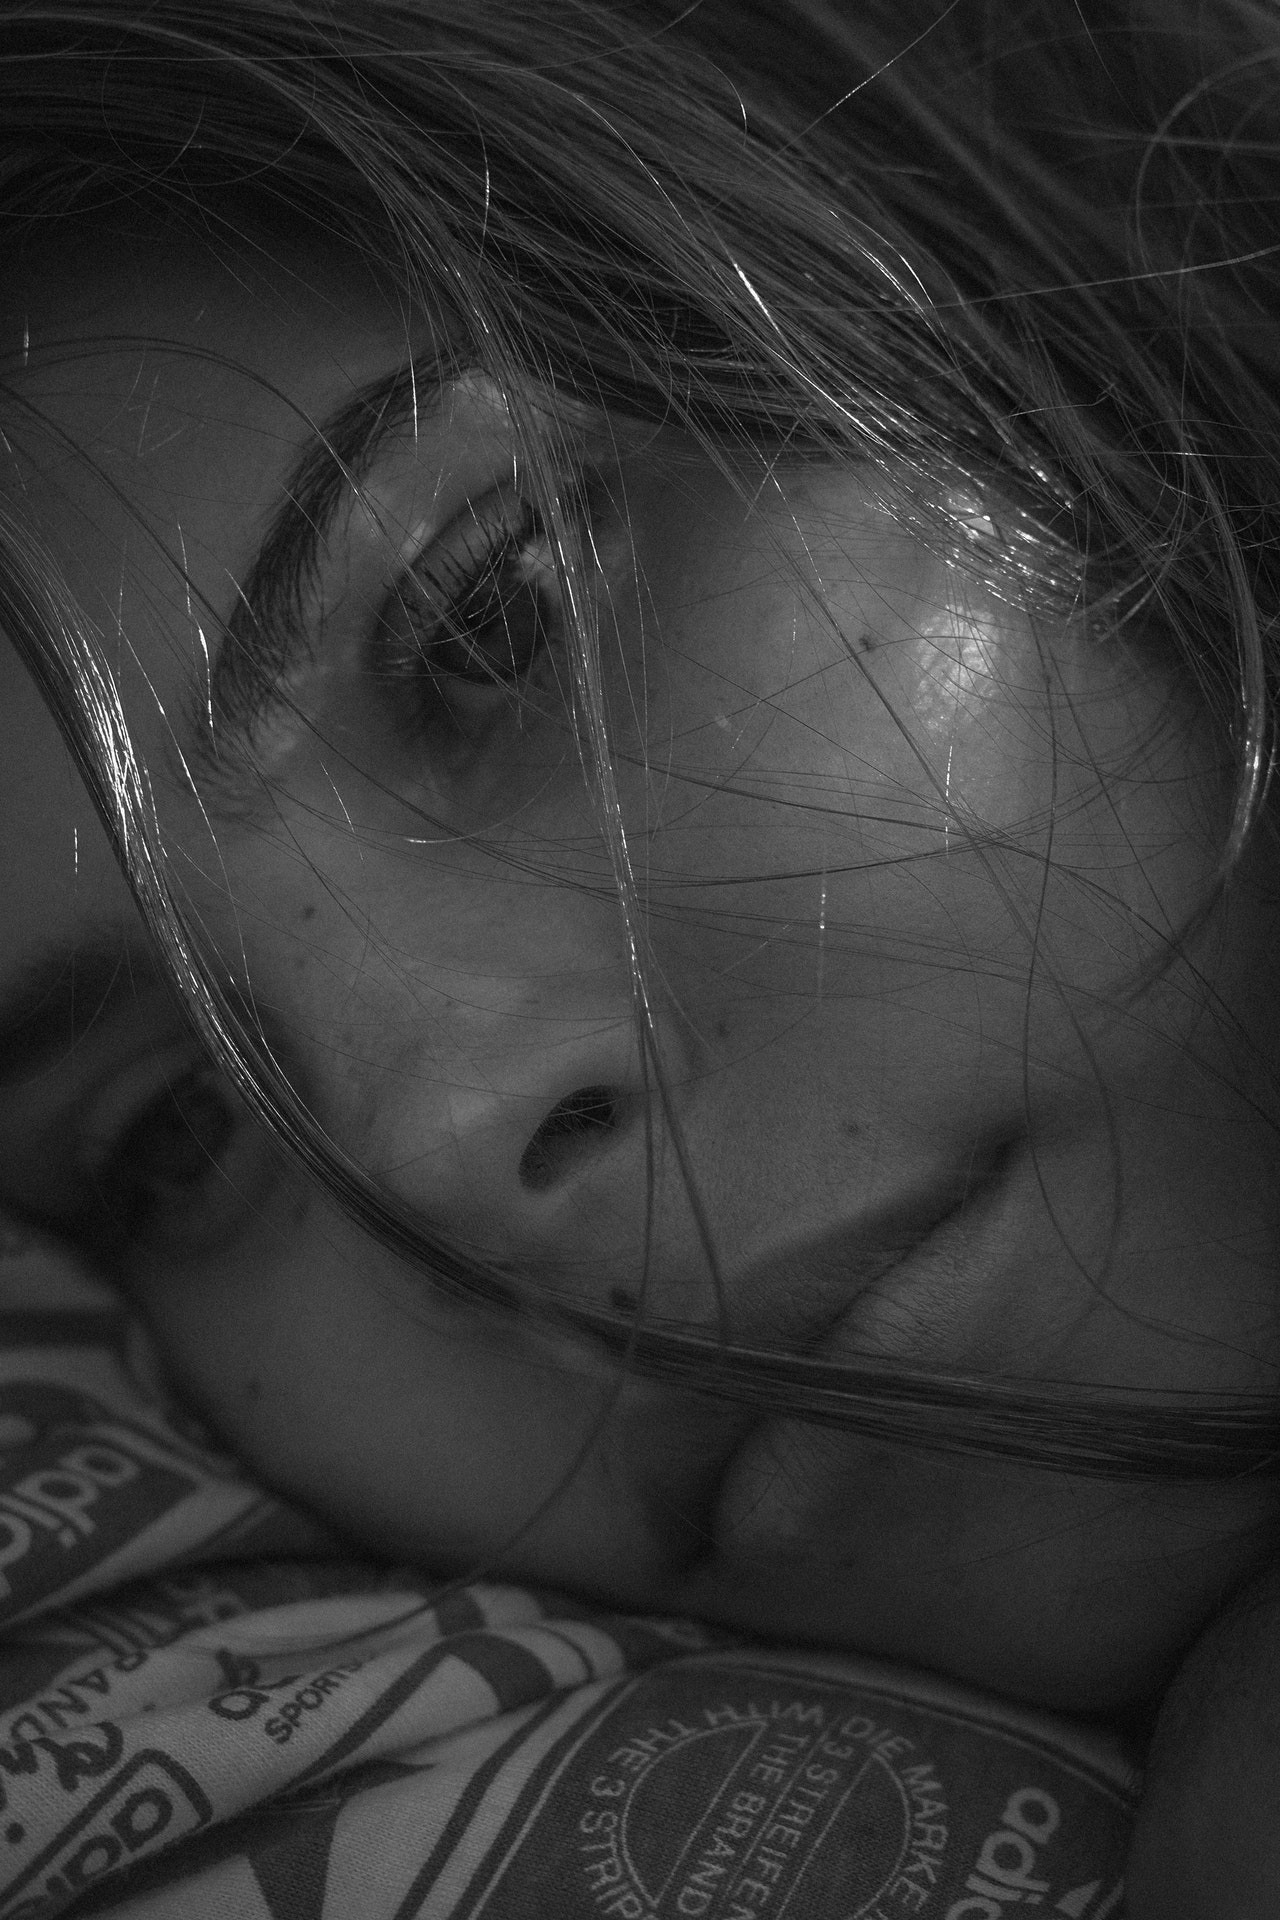 Ήσουν αυτός που ονειρευόμουν, αλλά μόλις ξύπνησα